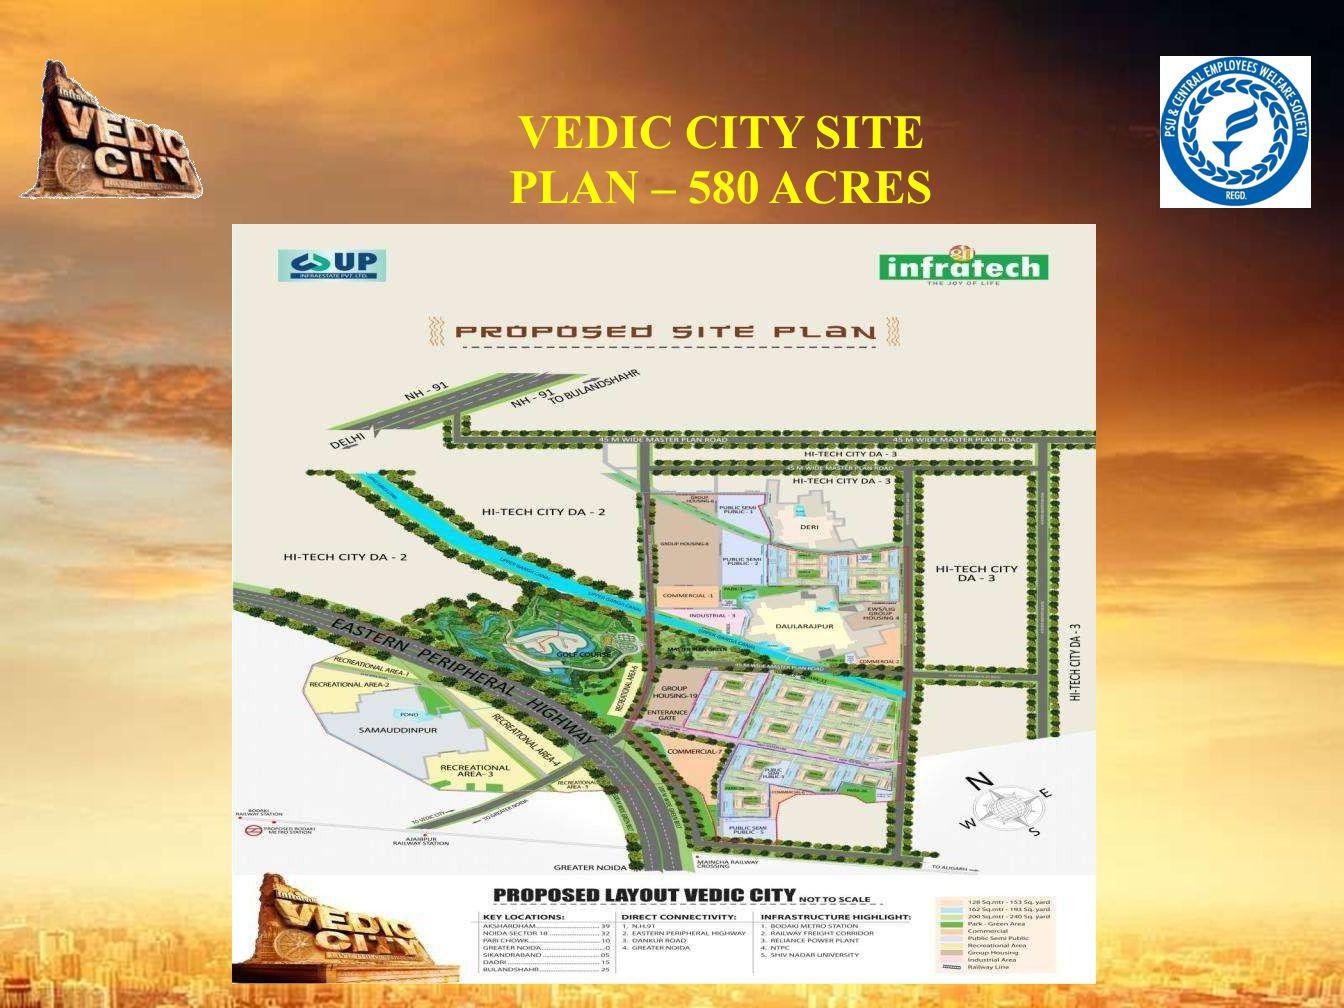 VEDIC CITY SITE PLAN – 580 ACRES